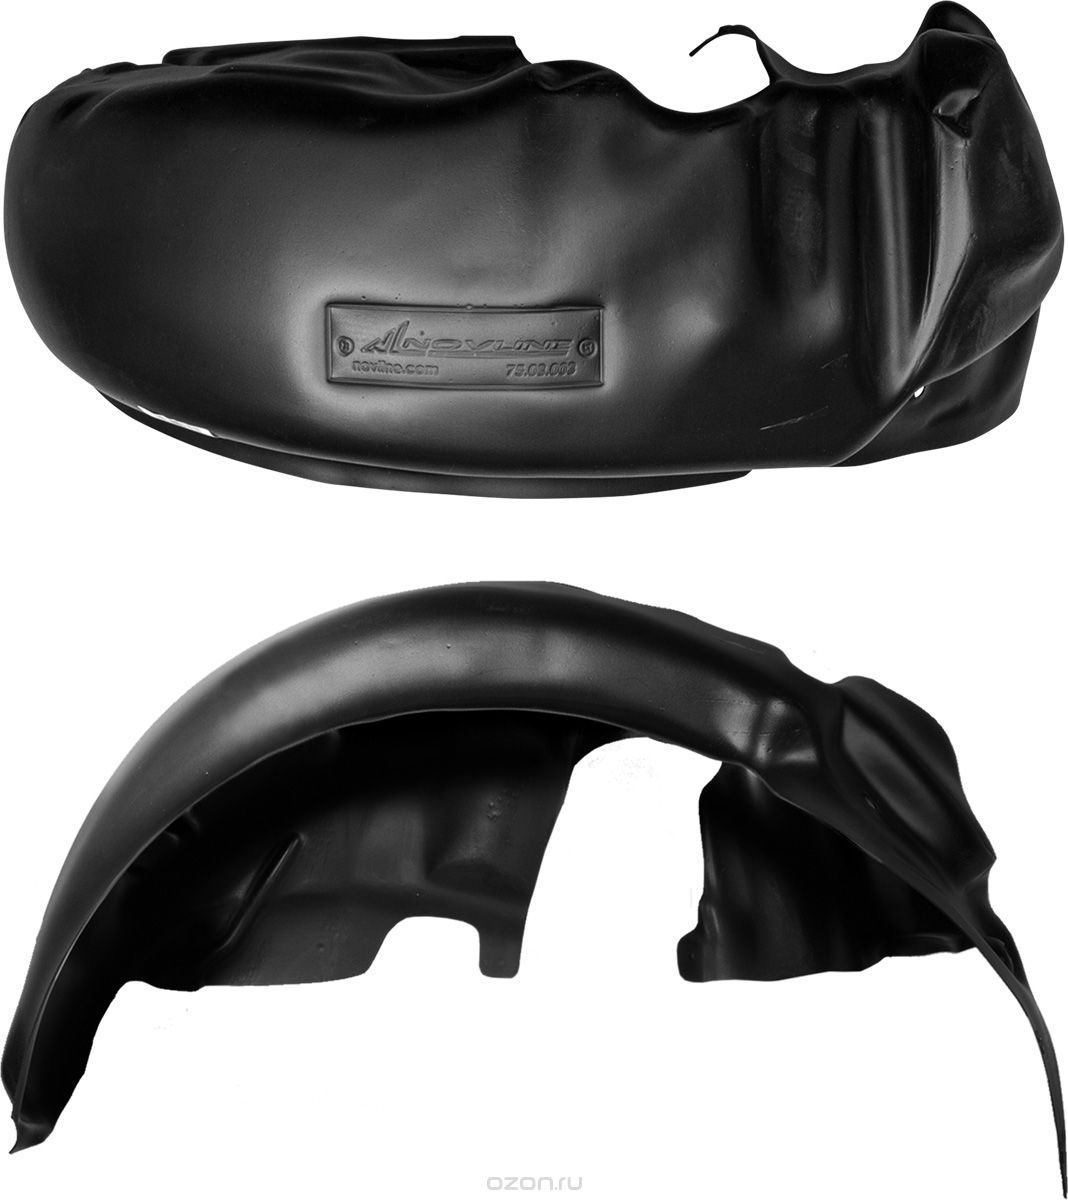 Подкрылок Novline-Autofamily, для Hyundai Solaris, 2014->, седан, задний правыйNLL.20.43.004.01Идеальная защита колесной ниши. Локеры разработаны с применением цифровых технологий, гарантируют максимальную повторяемость поверхности арки. Изделия устанавливаются без нарушения лакокрасочного покрытия автомобиля, каждый подкрылок комплектуется крепежом. Уважаемые клиенты, обращаем ваше внимание, что фотографии на подкрылки универсальные и не отражают реальную форму изделия. При этом само изделие идет точно под размер указанного автомобиля.